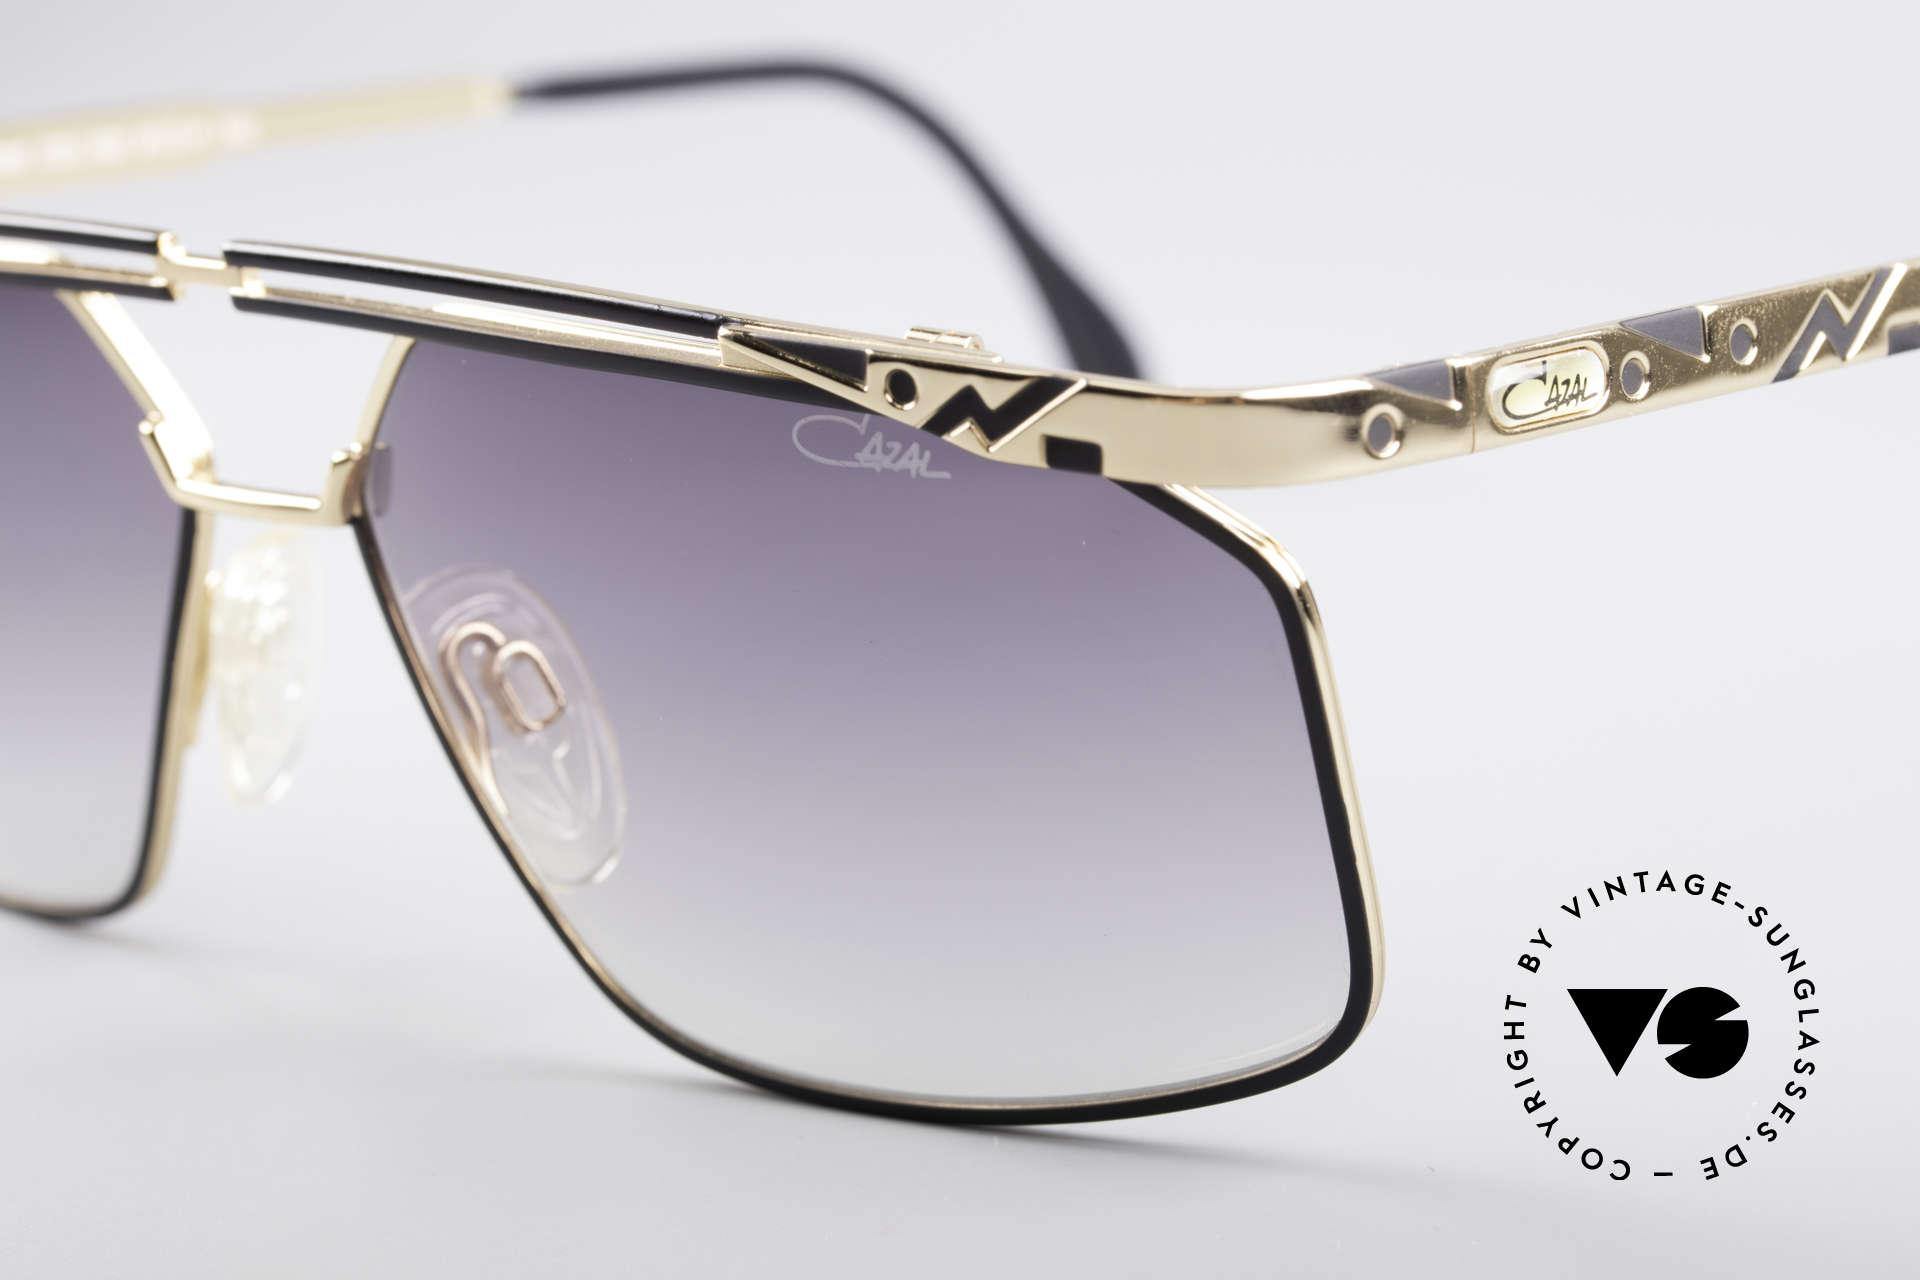 Cazal 966 Markante 90er Designer Brille, tolle Metallarbeiten mit dezentem Rahmenmuster, Passend für Herren